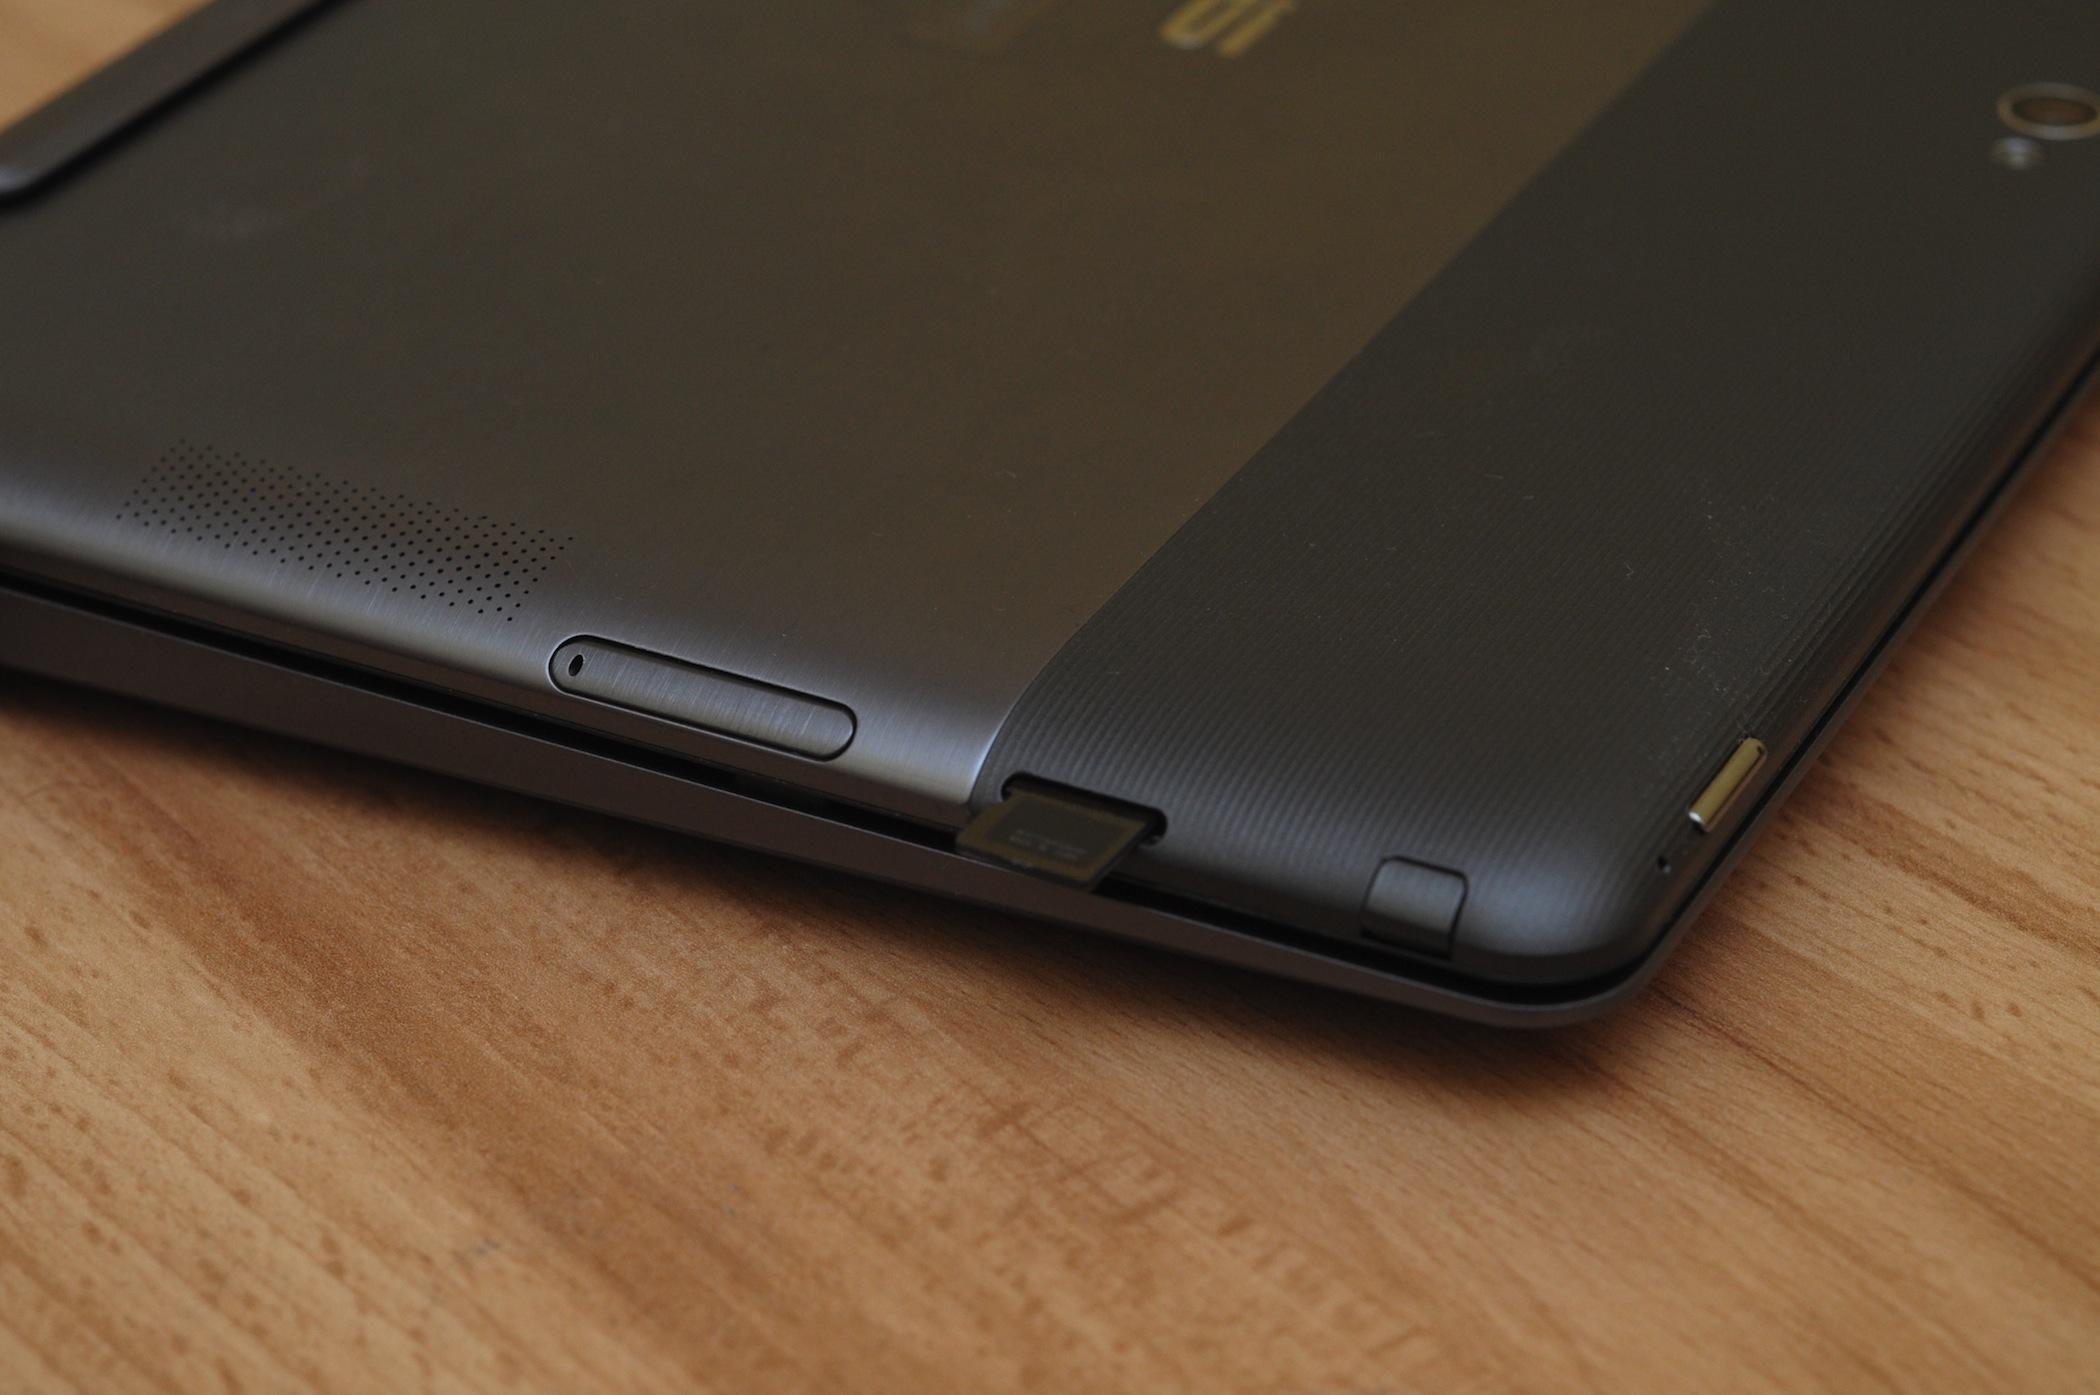 Asus Vivo Tab RT im Test: Gutes ARM-Tablet mit stromsparendem Windows RT - Micro-SD-Schacht in der Mitte